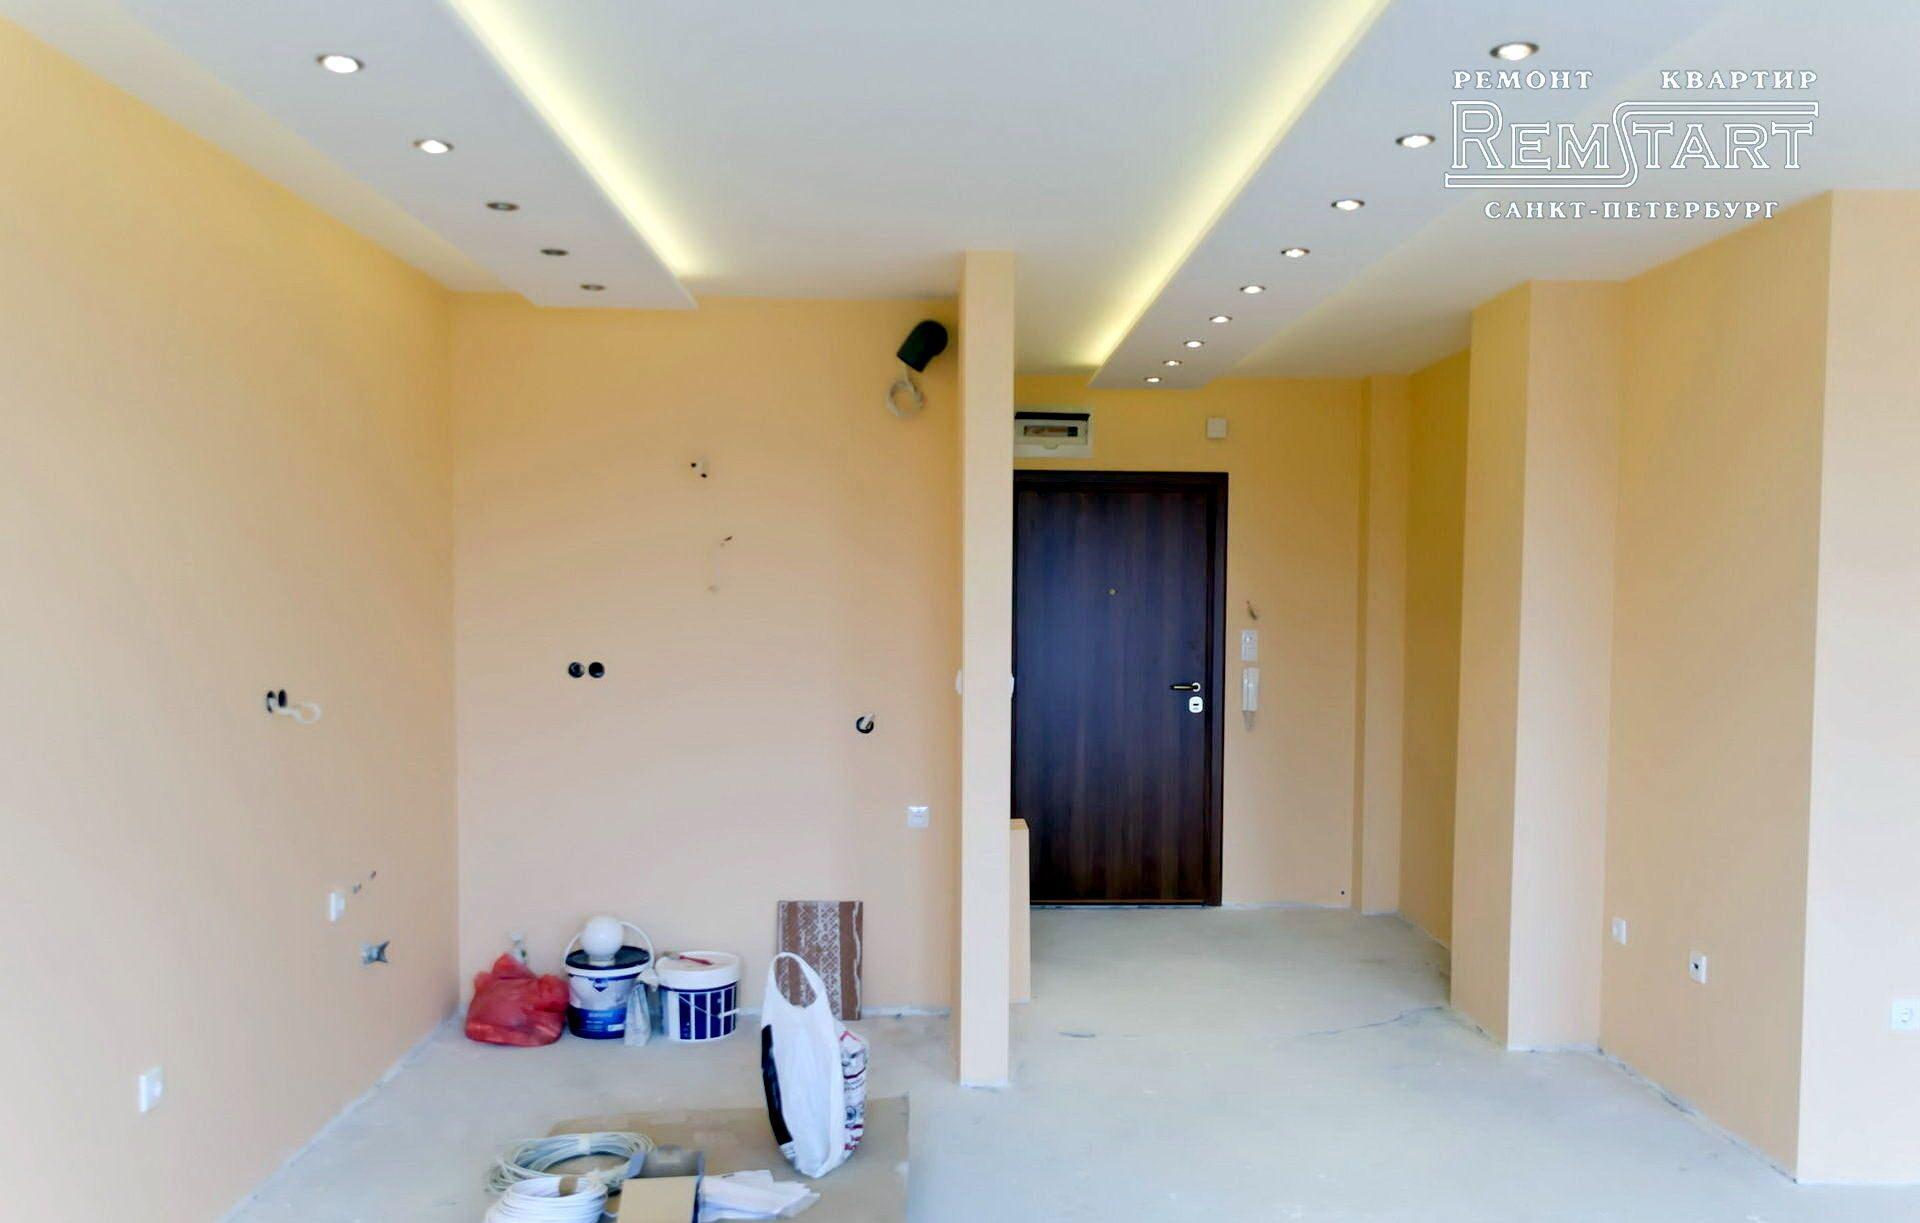 Ремонт квартир под ключ в Новосибирске Недорого и